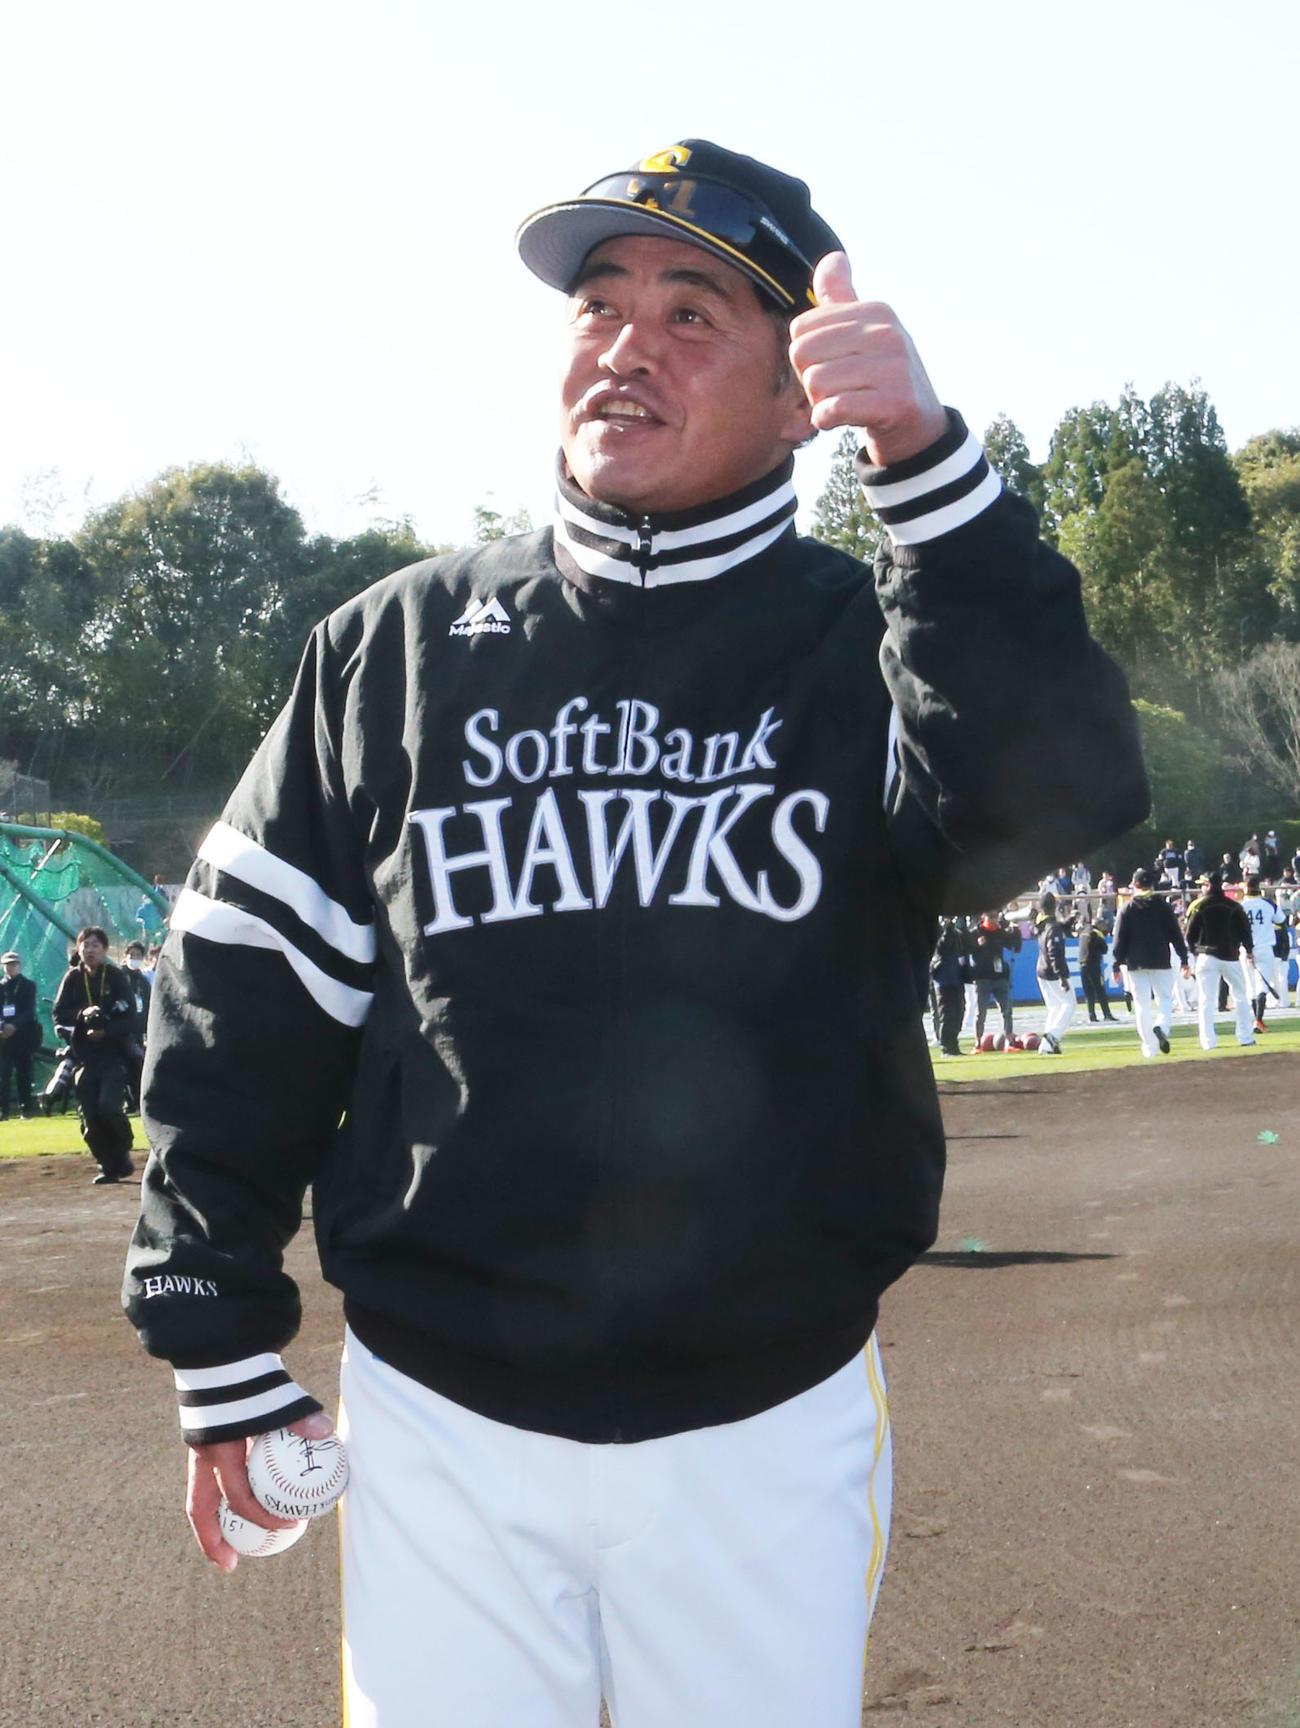 練習前、ファンに向かって笑顔を見せる工藤公康監督(撮影・梅根麻紀)